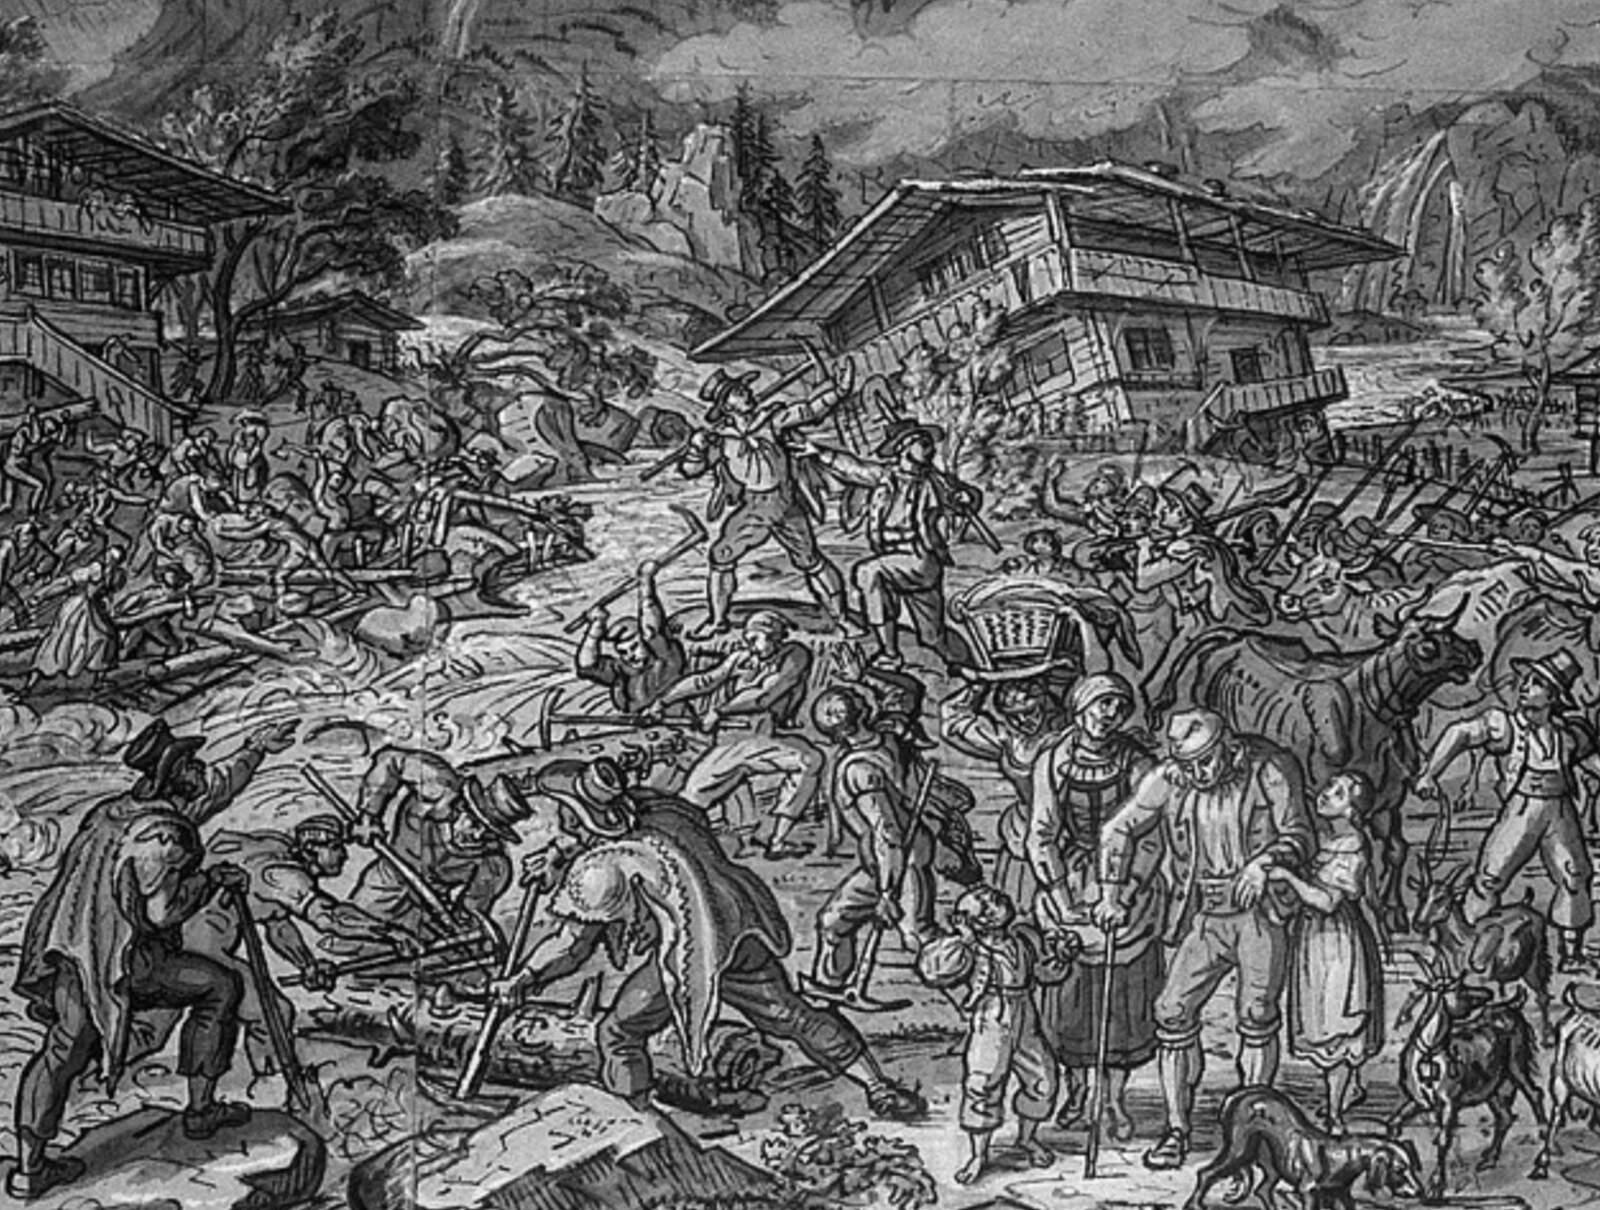 Dibuix a tinta de les inundacions de Brienz de 1846